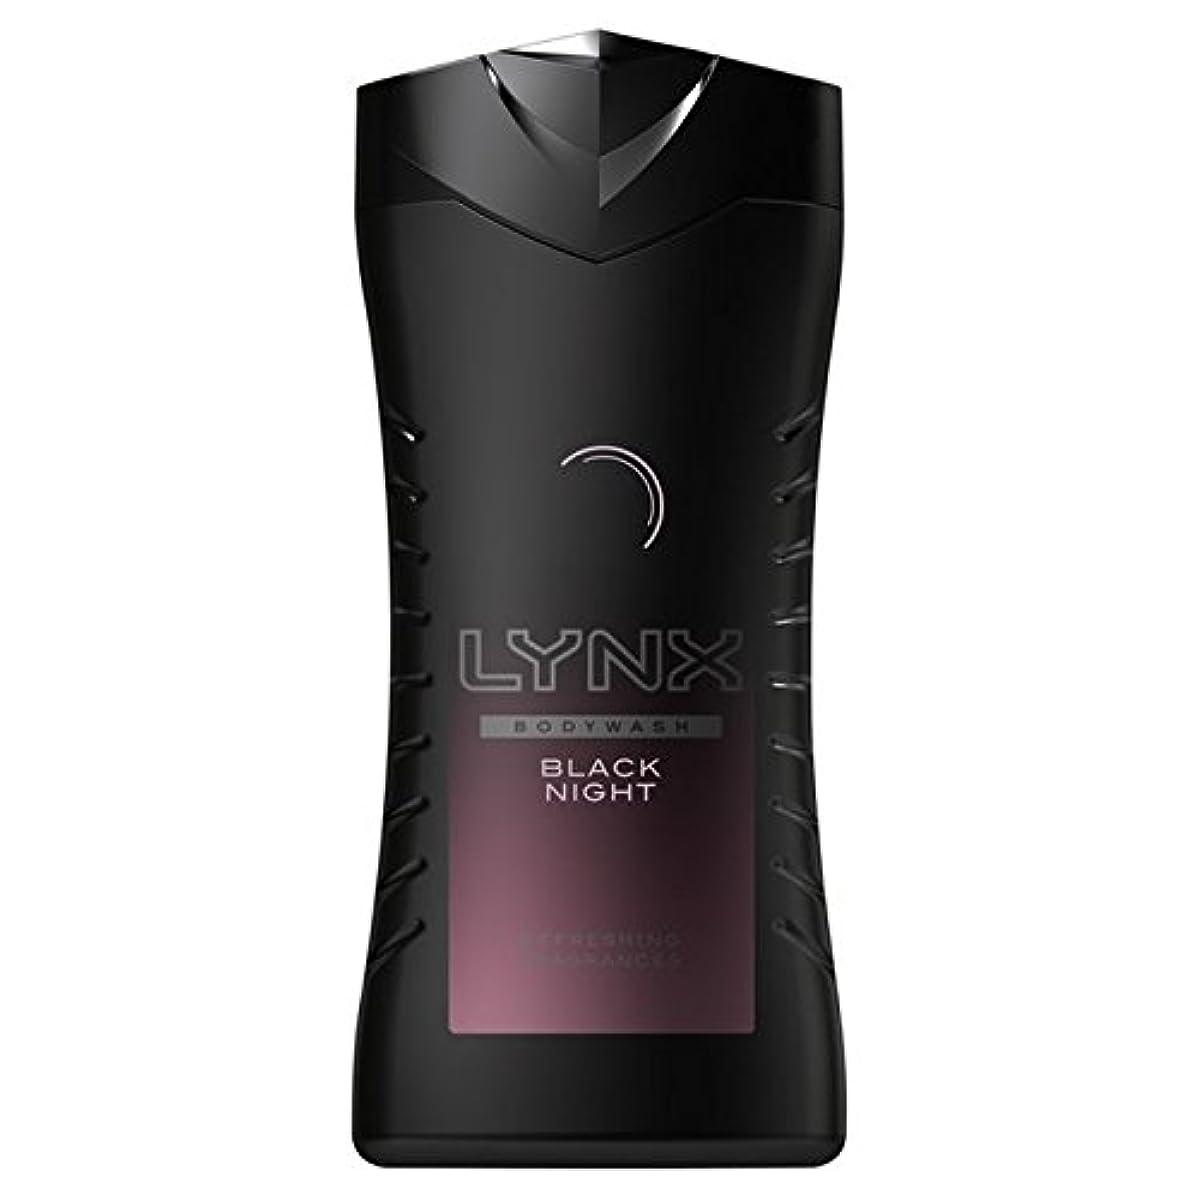 覚醒高さ与えるLynx Black Night Shower Gel 250ml (Pack of 6) - オオヤマネコ黒夜シャワージェル250ミリリットル x6 [並行輸入品]